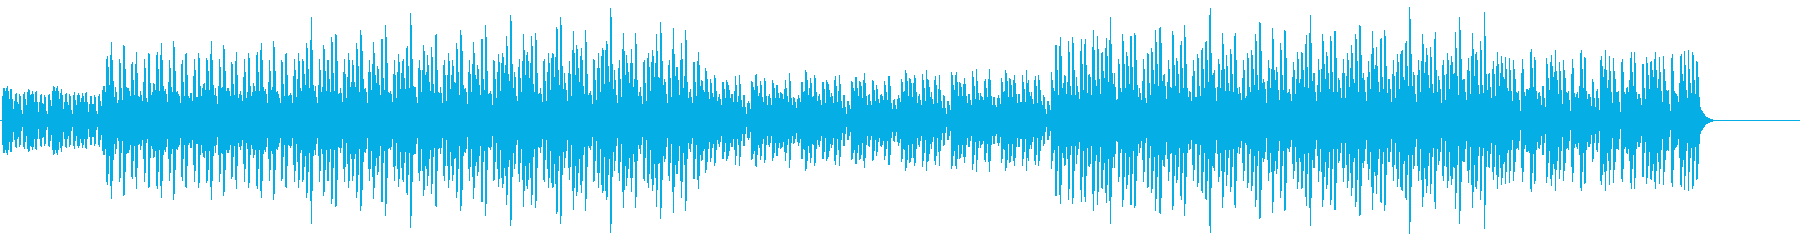 マリンバのみのプレーンなBGMの再生済みの波形